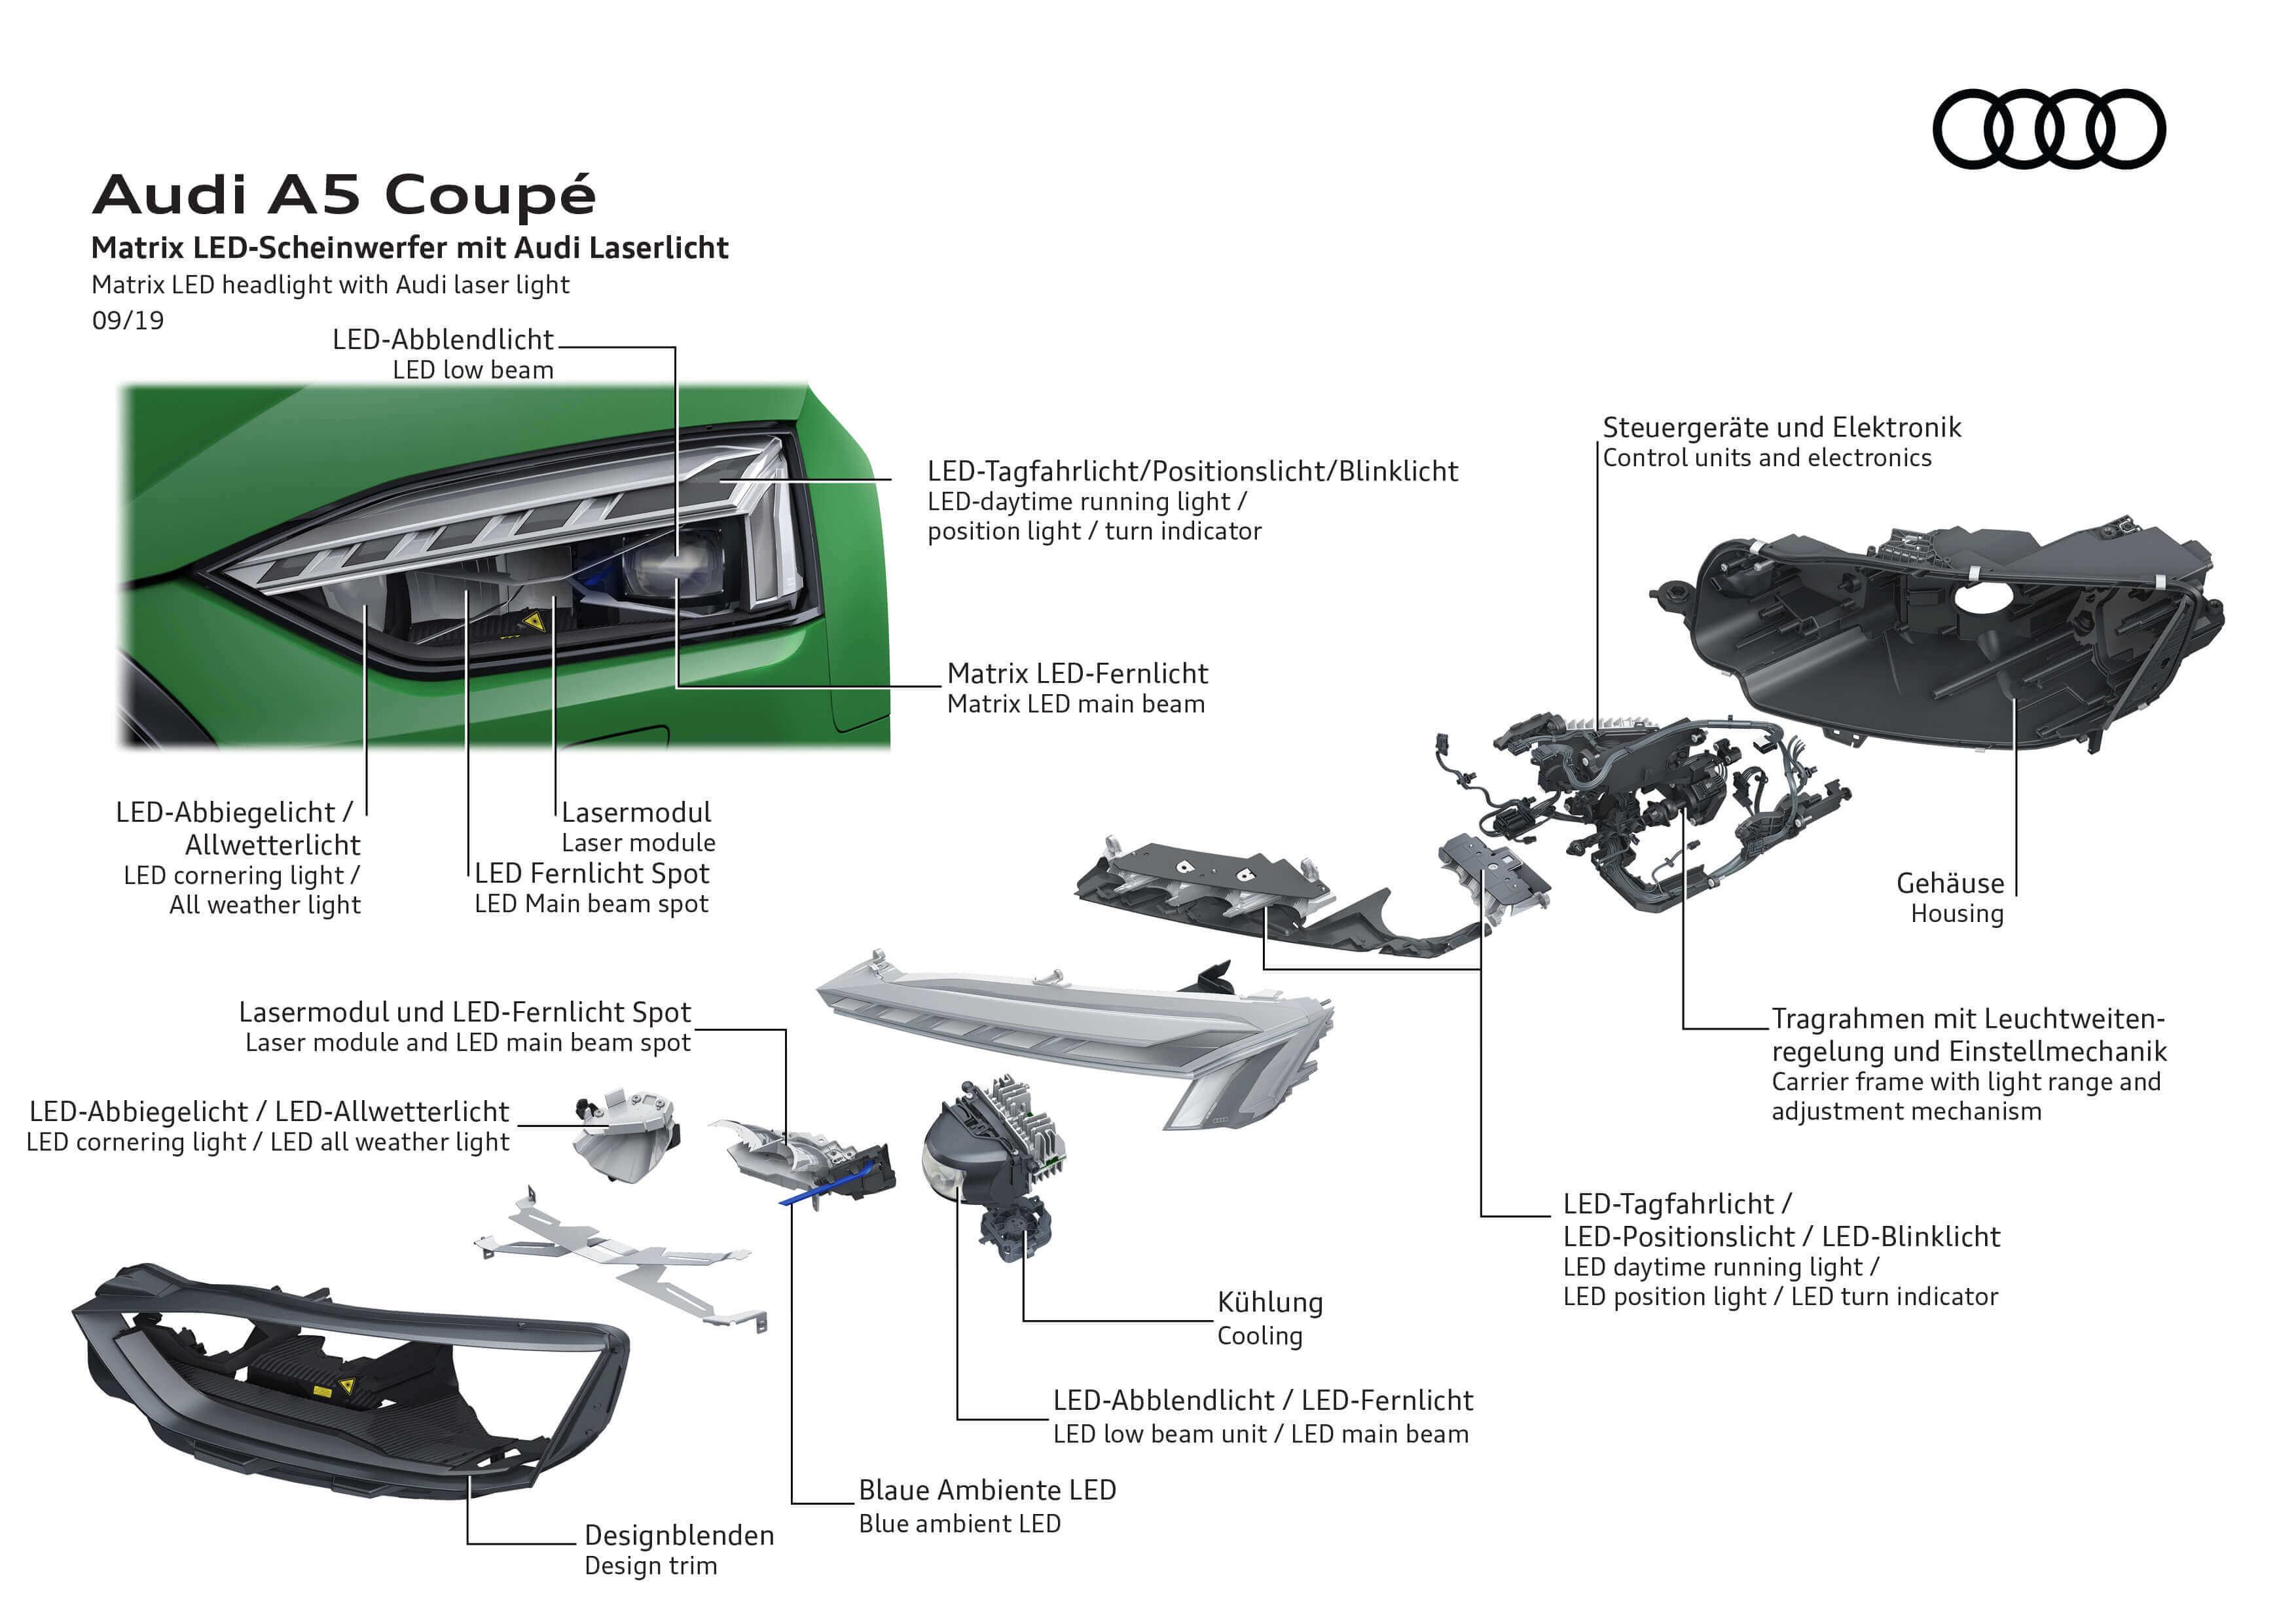 Νέο Audi A5 Coupe - Προβολείς Matrix LED